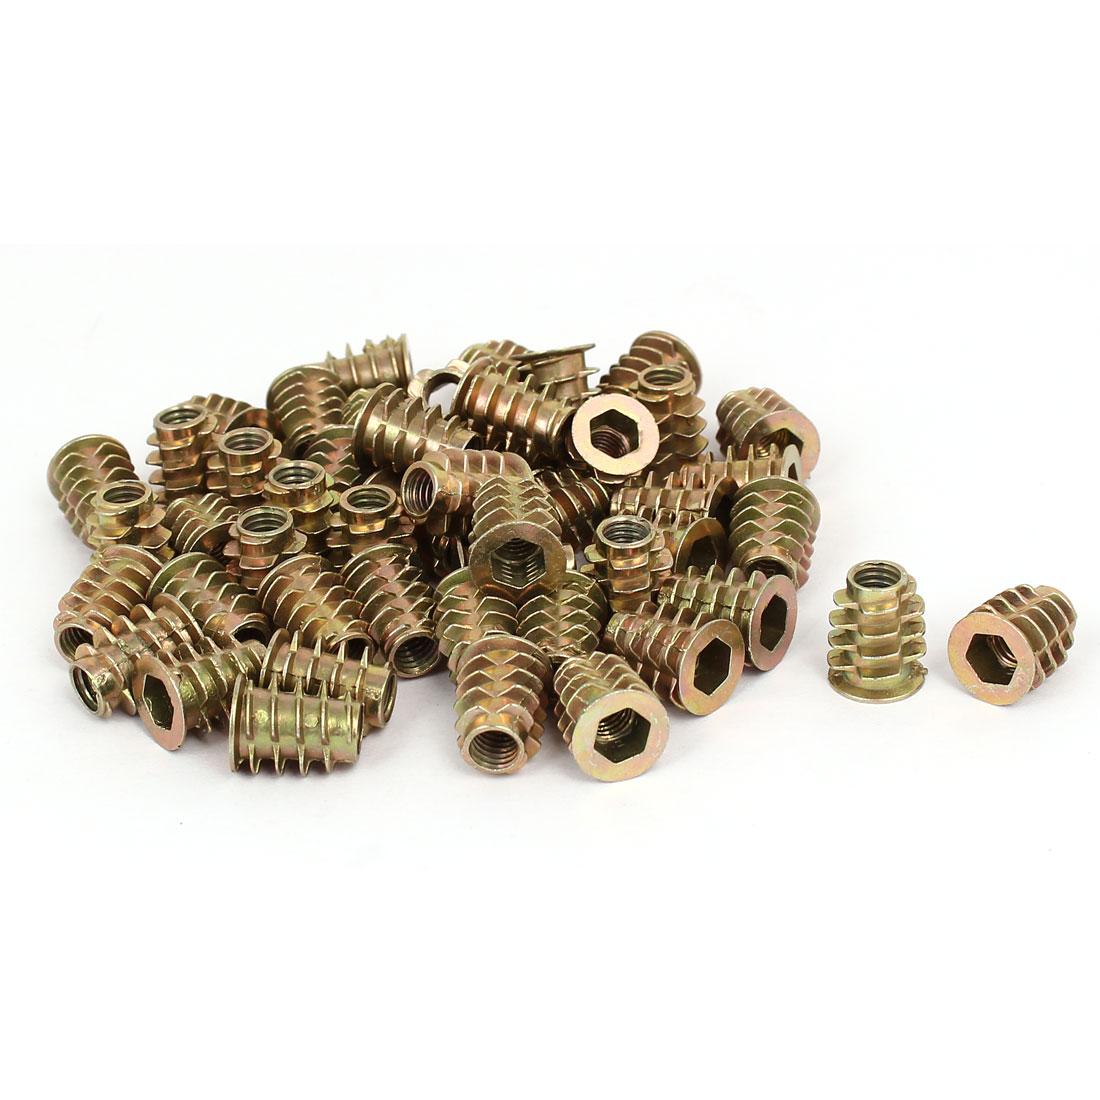 M6 x 15mm Hex Socket Head Insert Screws E-Nuts Furniture Fittings 50pcs